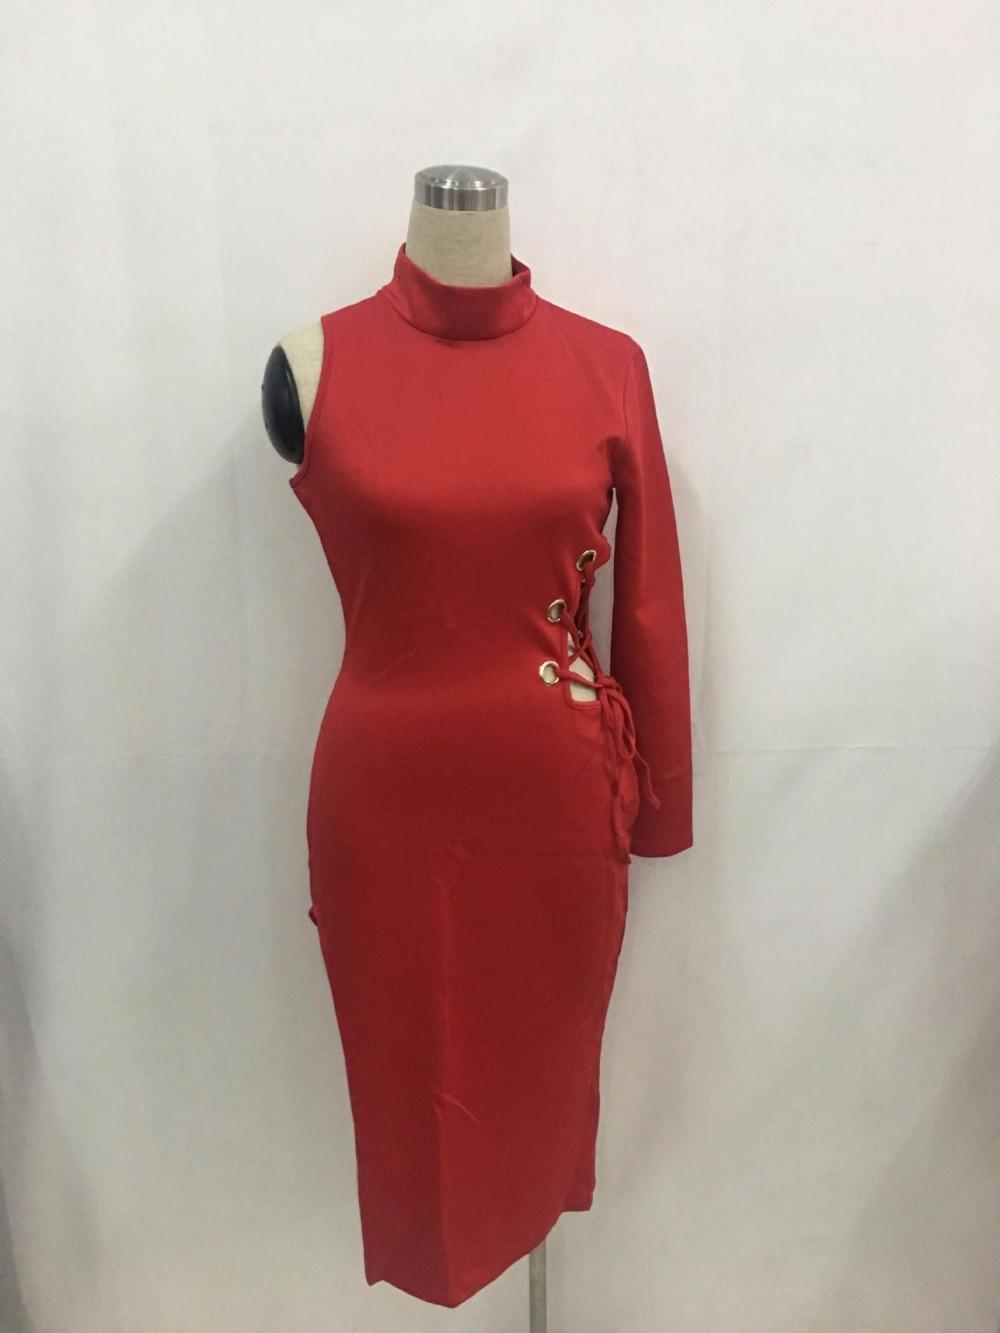 9bbdc650de25 Jrry casual collo alto una spalla slit abiti rossi donne di vendita caldo  dalla fasciatura di bodycon dress vestidos in Jrry casual collo alto una  spalla ...